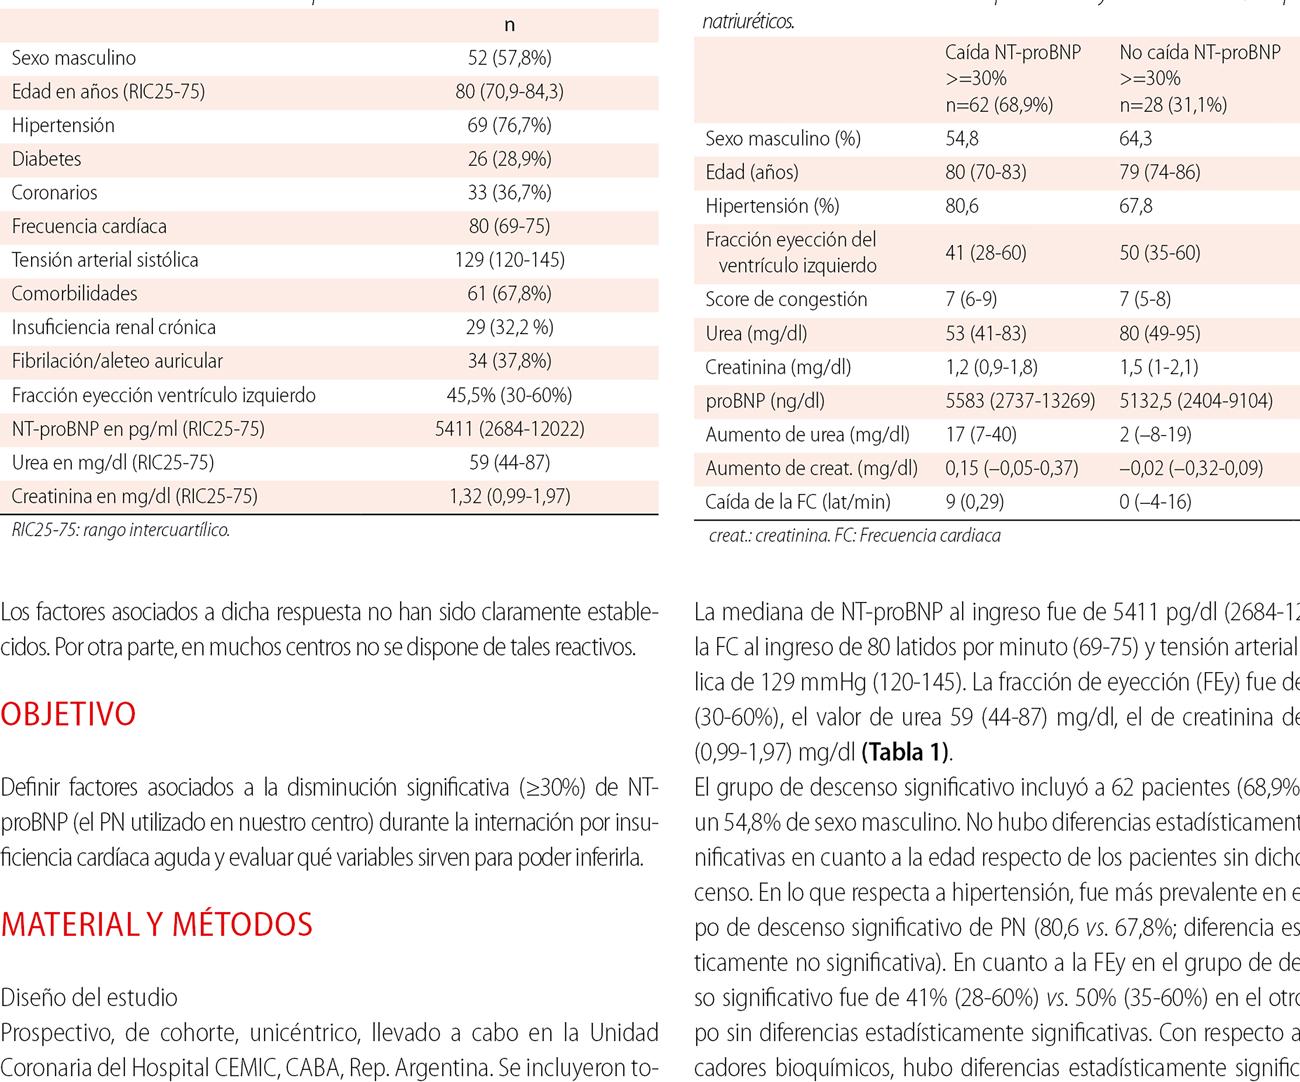 Factores asociados al descenso significativo de los péptidos natriuréticos durante la internación por insuficiencia cardíaca